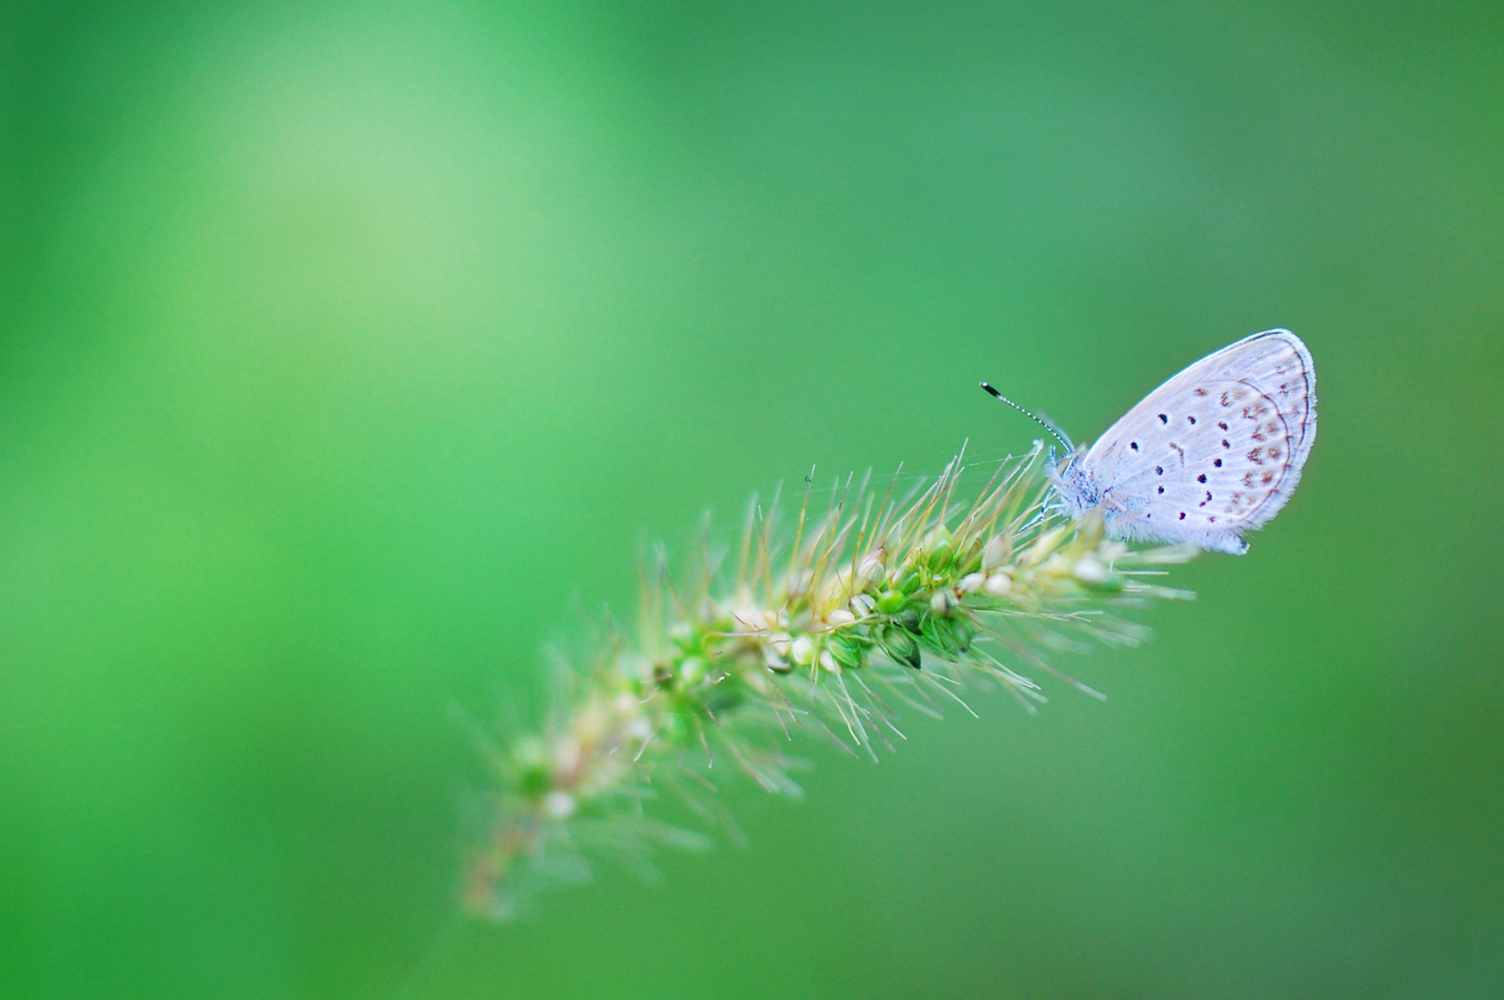 シジミ蝶 Nikonデジタル一眼レフで撮影 マクロレンズを使用